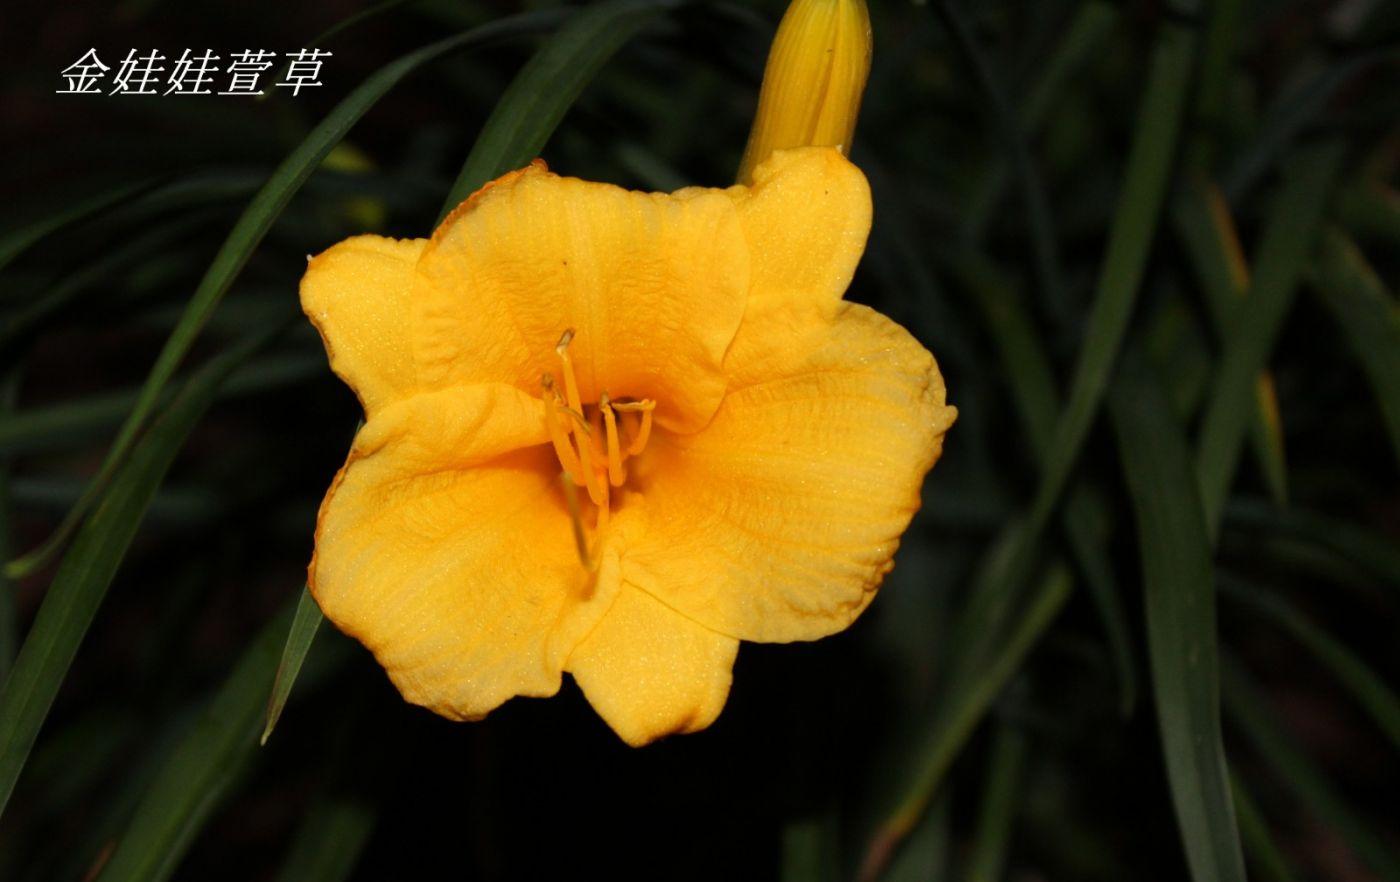 花草图谱 (3)_图1-16